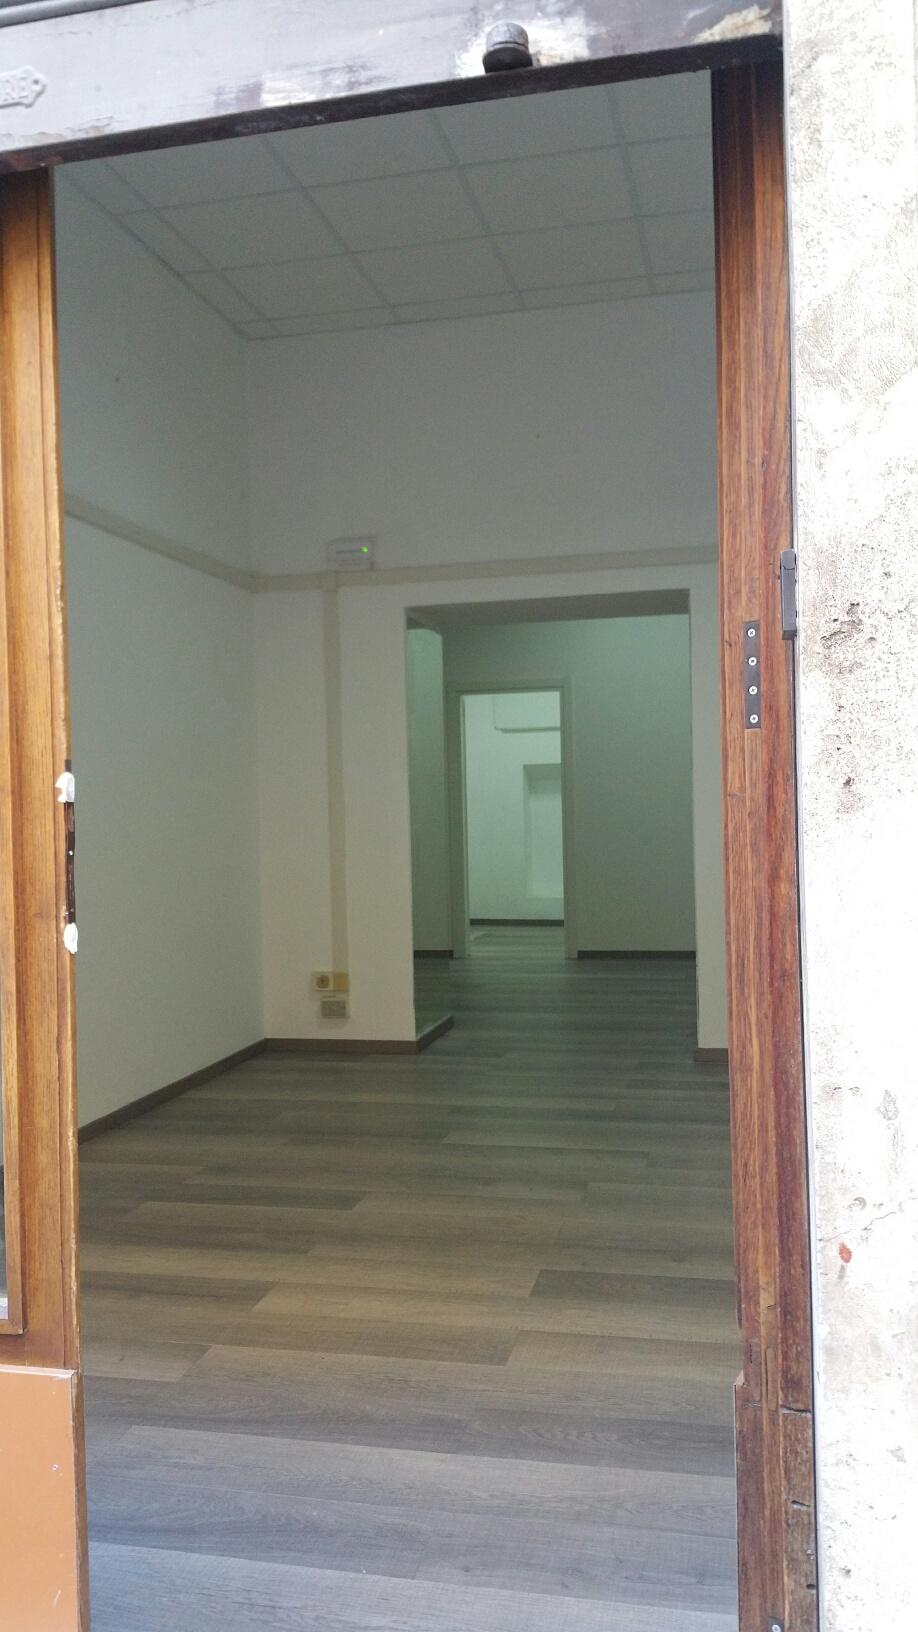 Negozio / Locale in affitto a Ascoli Piceno, 9999 locali, zona Località: CentroStorico, prezzo € 600 | CambioCasa.it